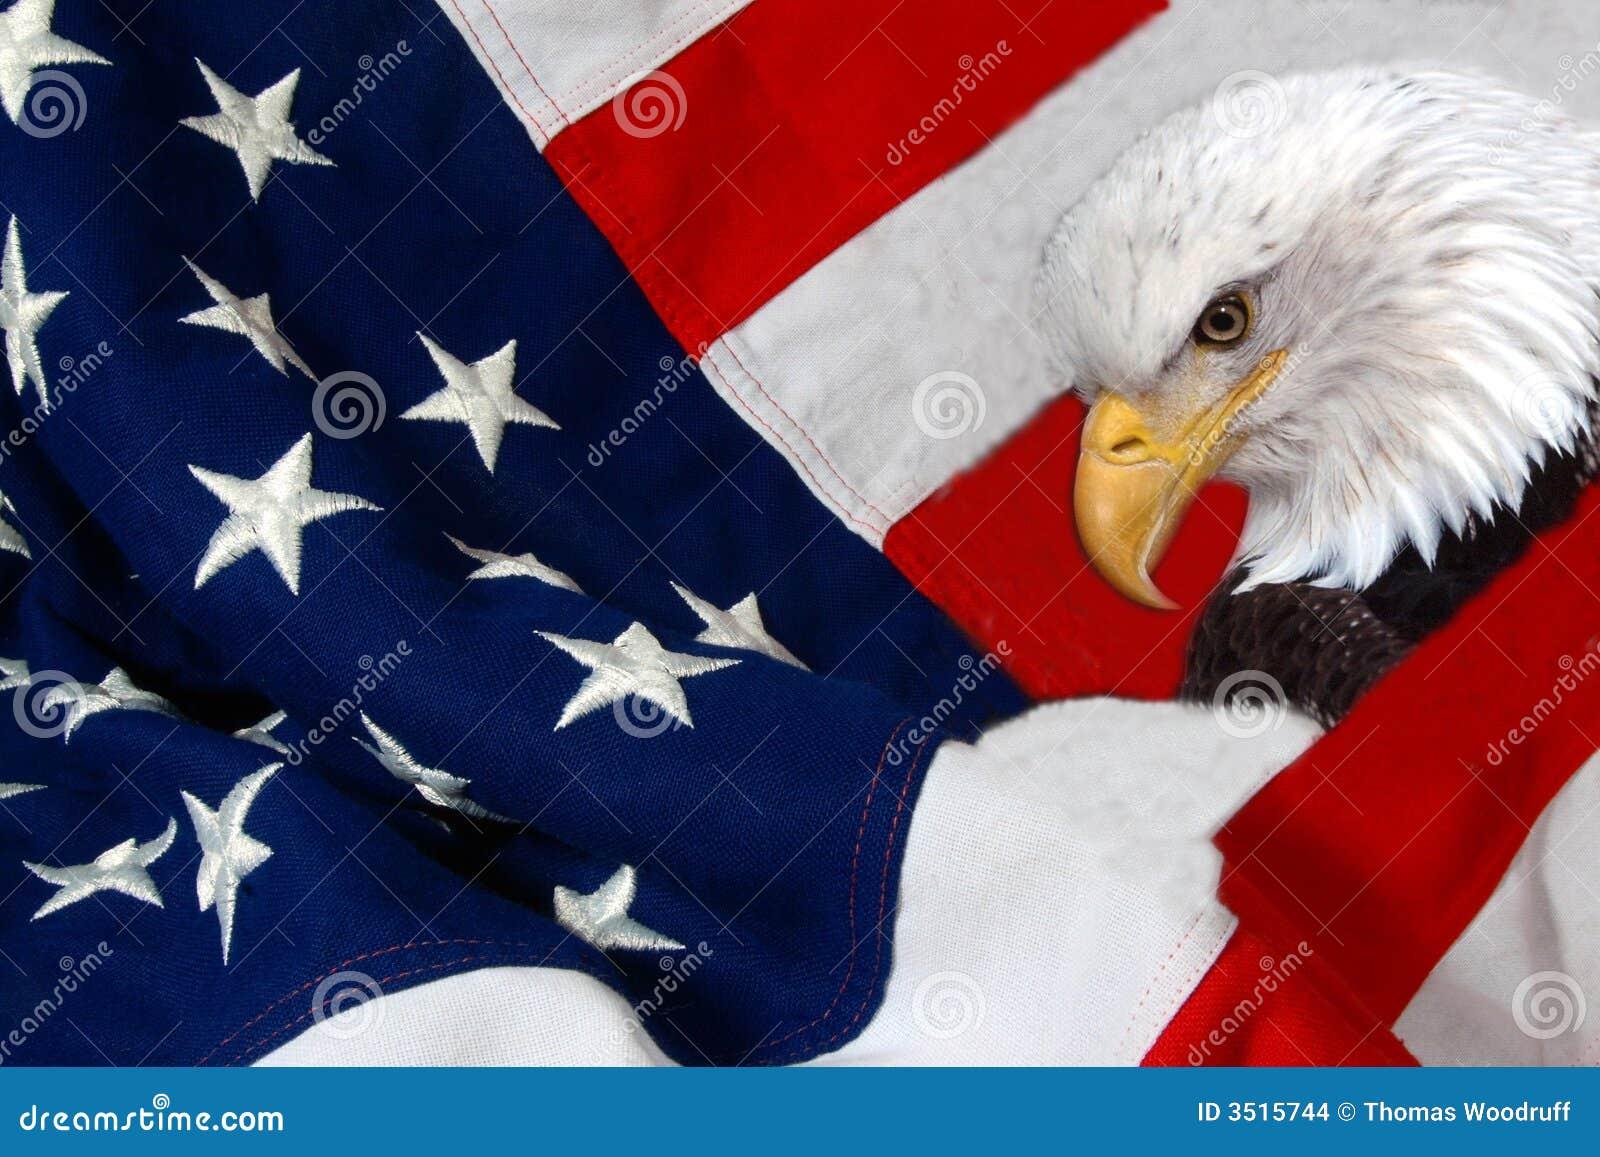 örnflagga